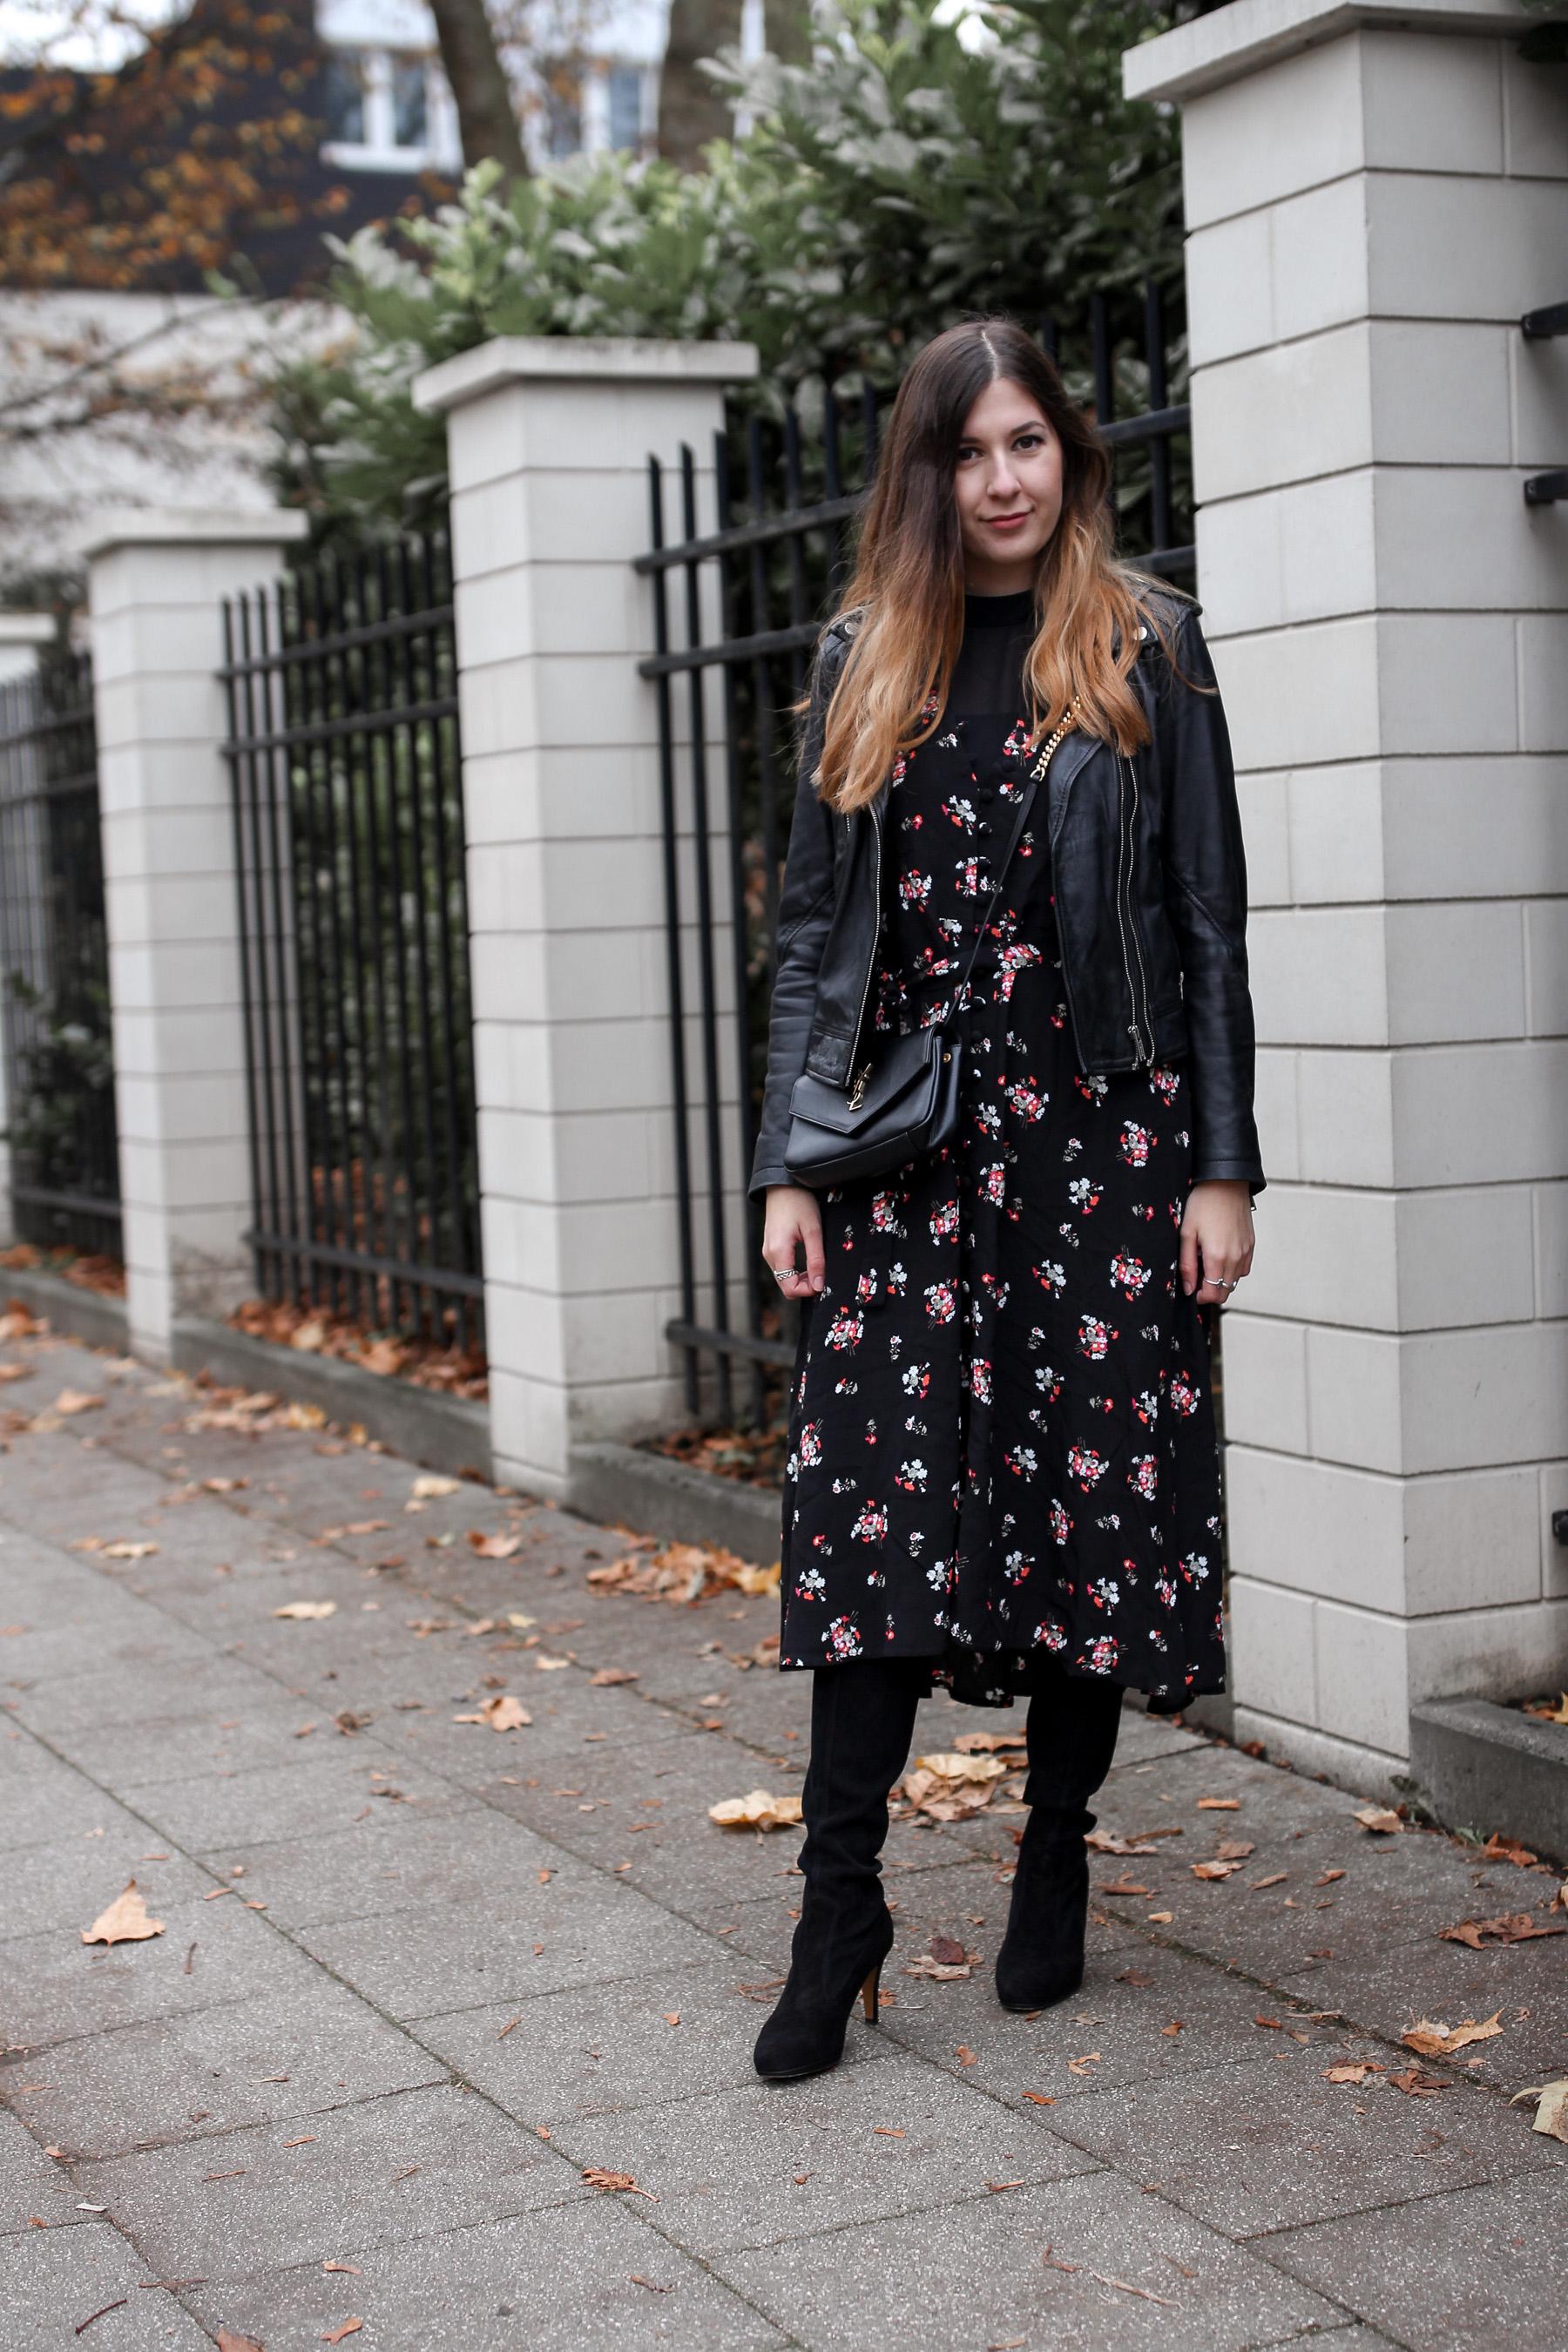 wildleder stiefel, hochwertig, bequem, outfit, streetstyle, fashion blog, fashionblog, deutschland, essen, düsseldorf